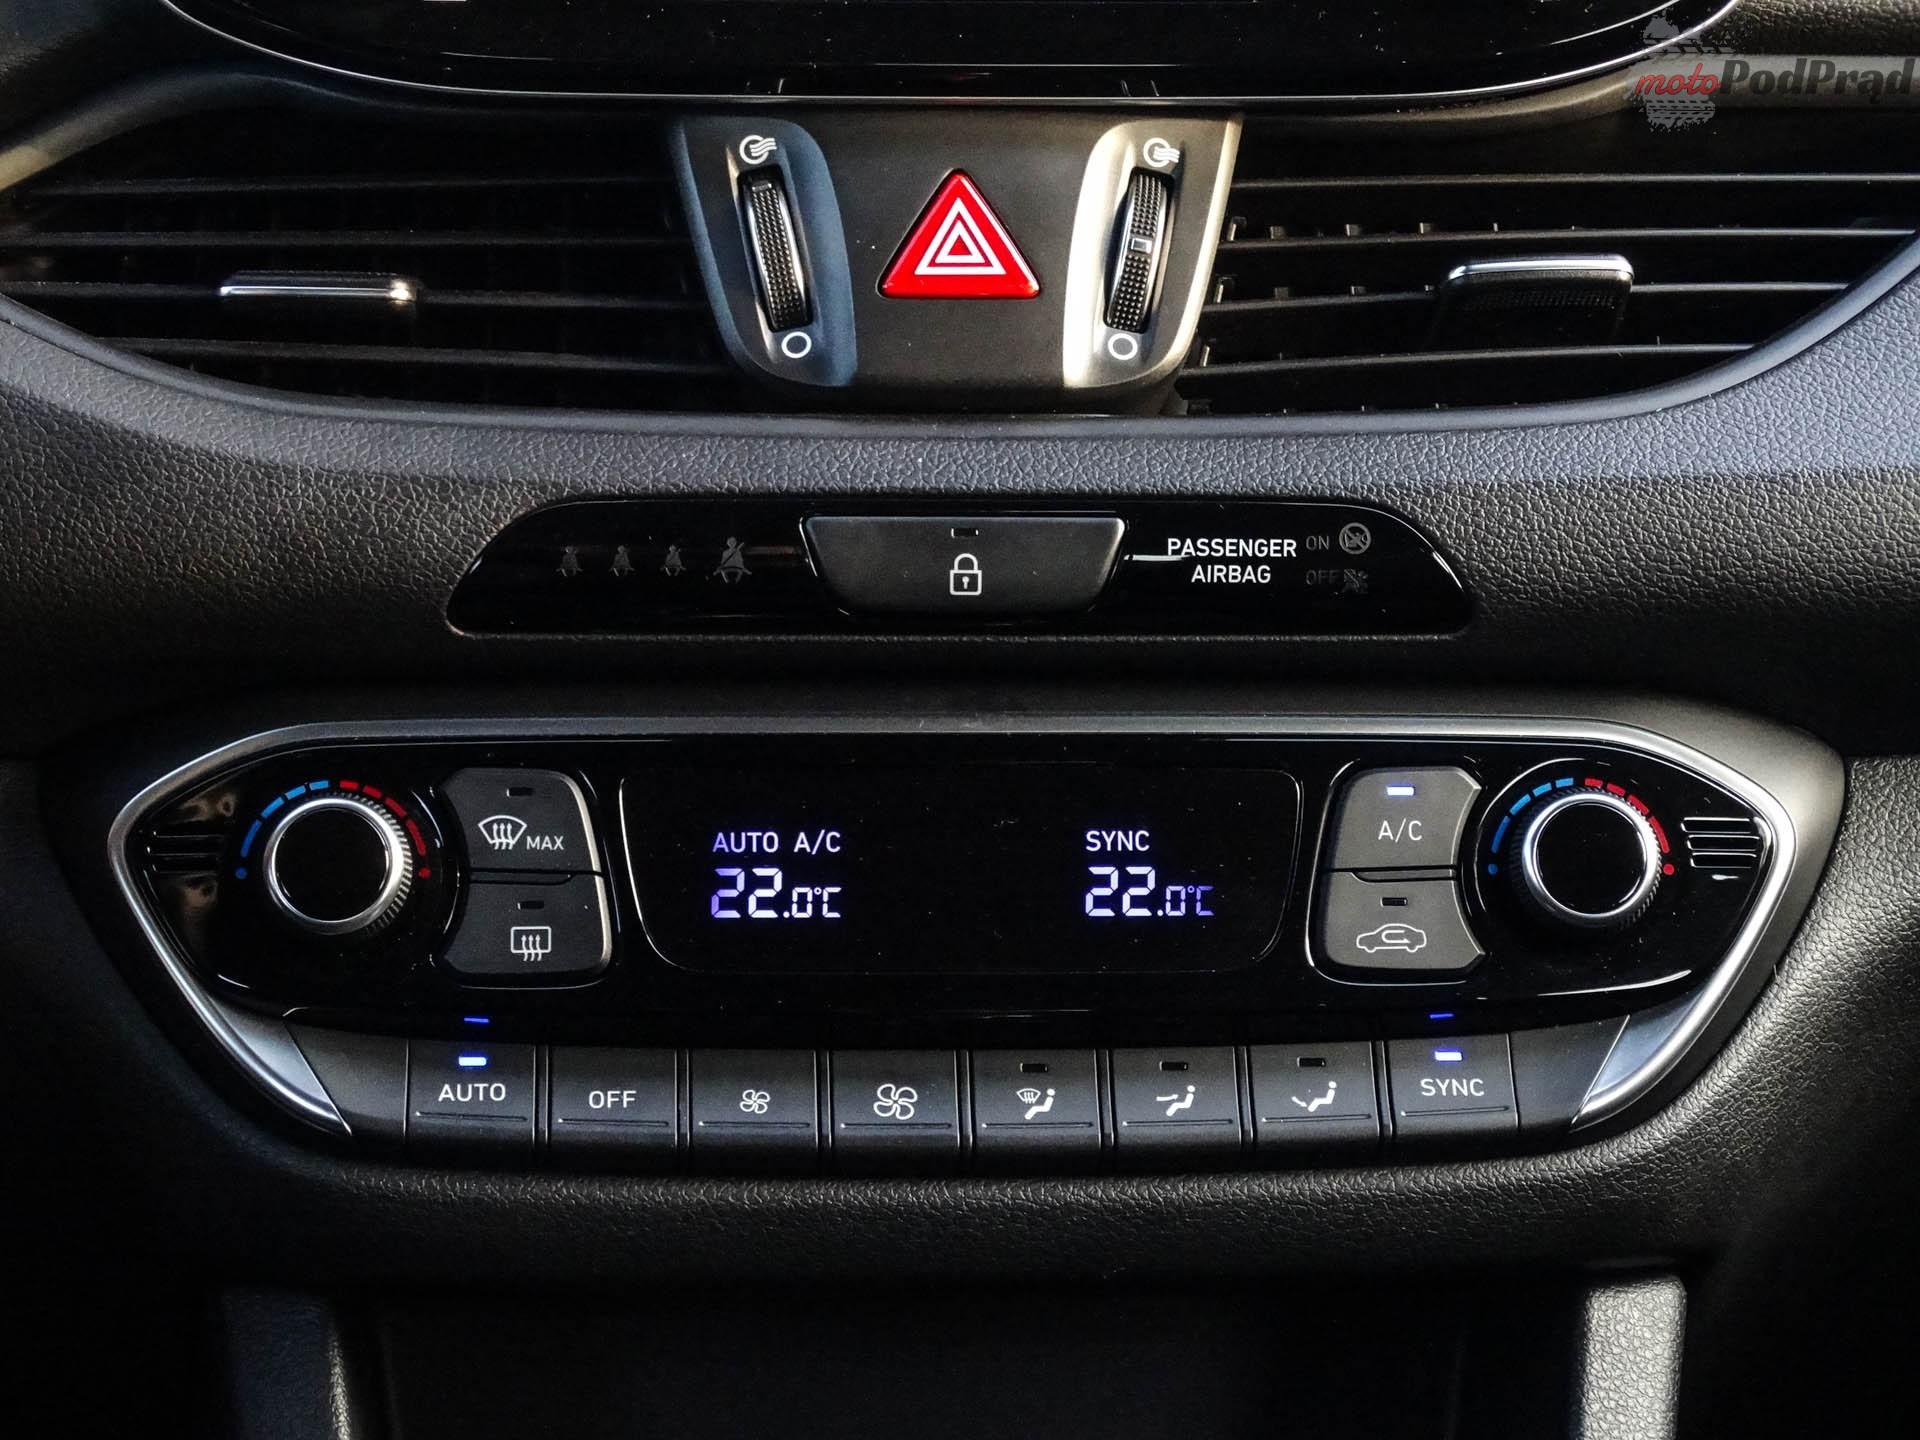 Hyundai i30 fastback 11 Test: Hyundai i30 fastback czyli kolejny krok milowy marki